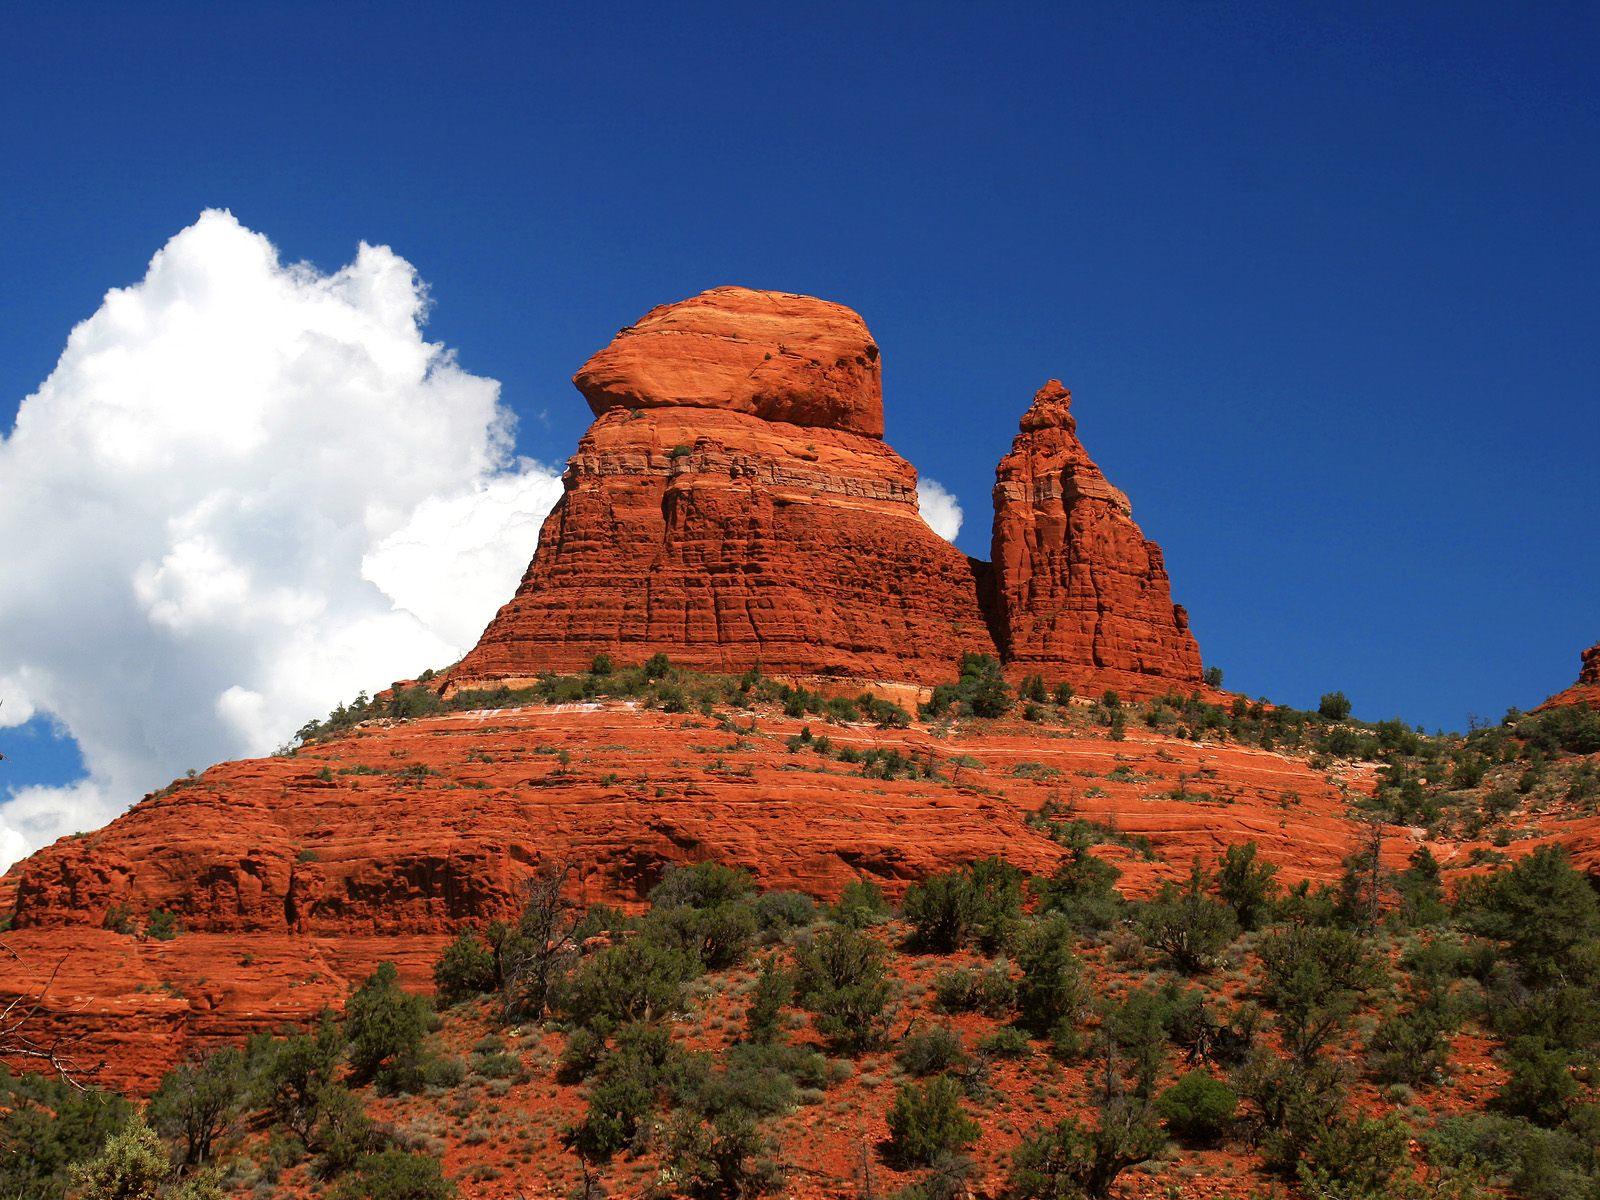 Sedona (AZ) United States  city photos : Travel Trip Journey: Red Rocks of Sedona, Arizona, United States